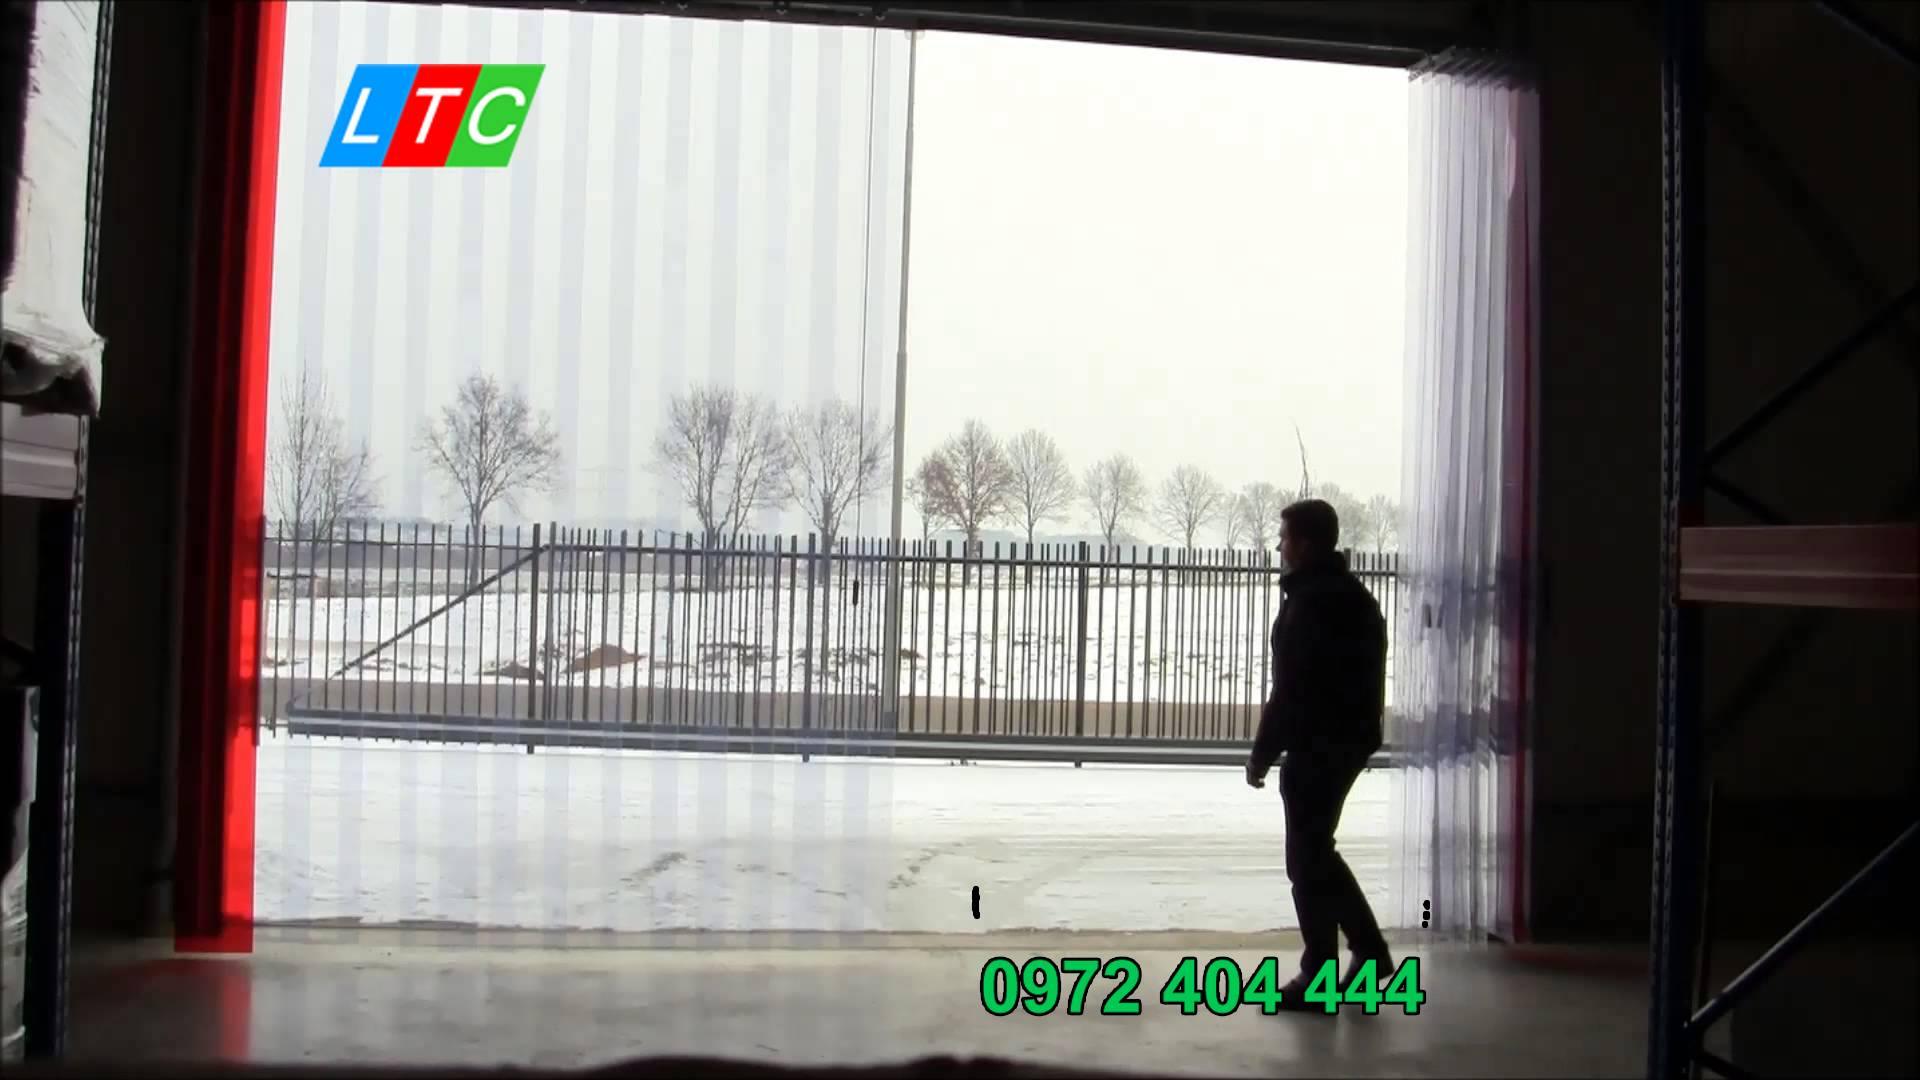 Lương Tiến chuyên thi công màn nhựa PVC chất lượng cao